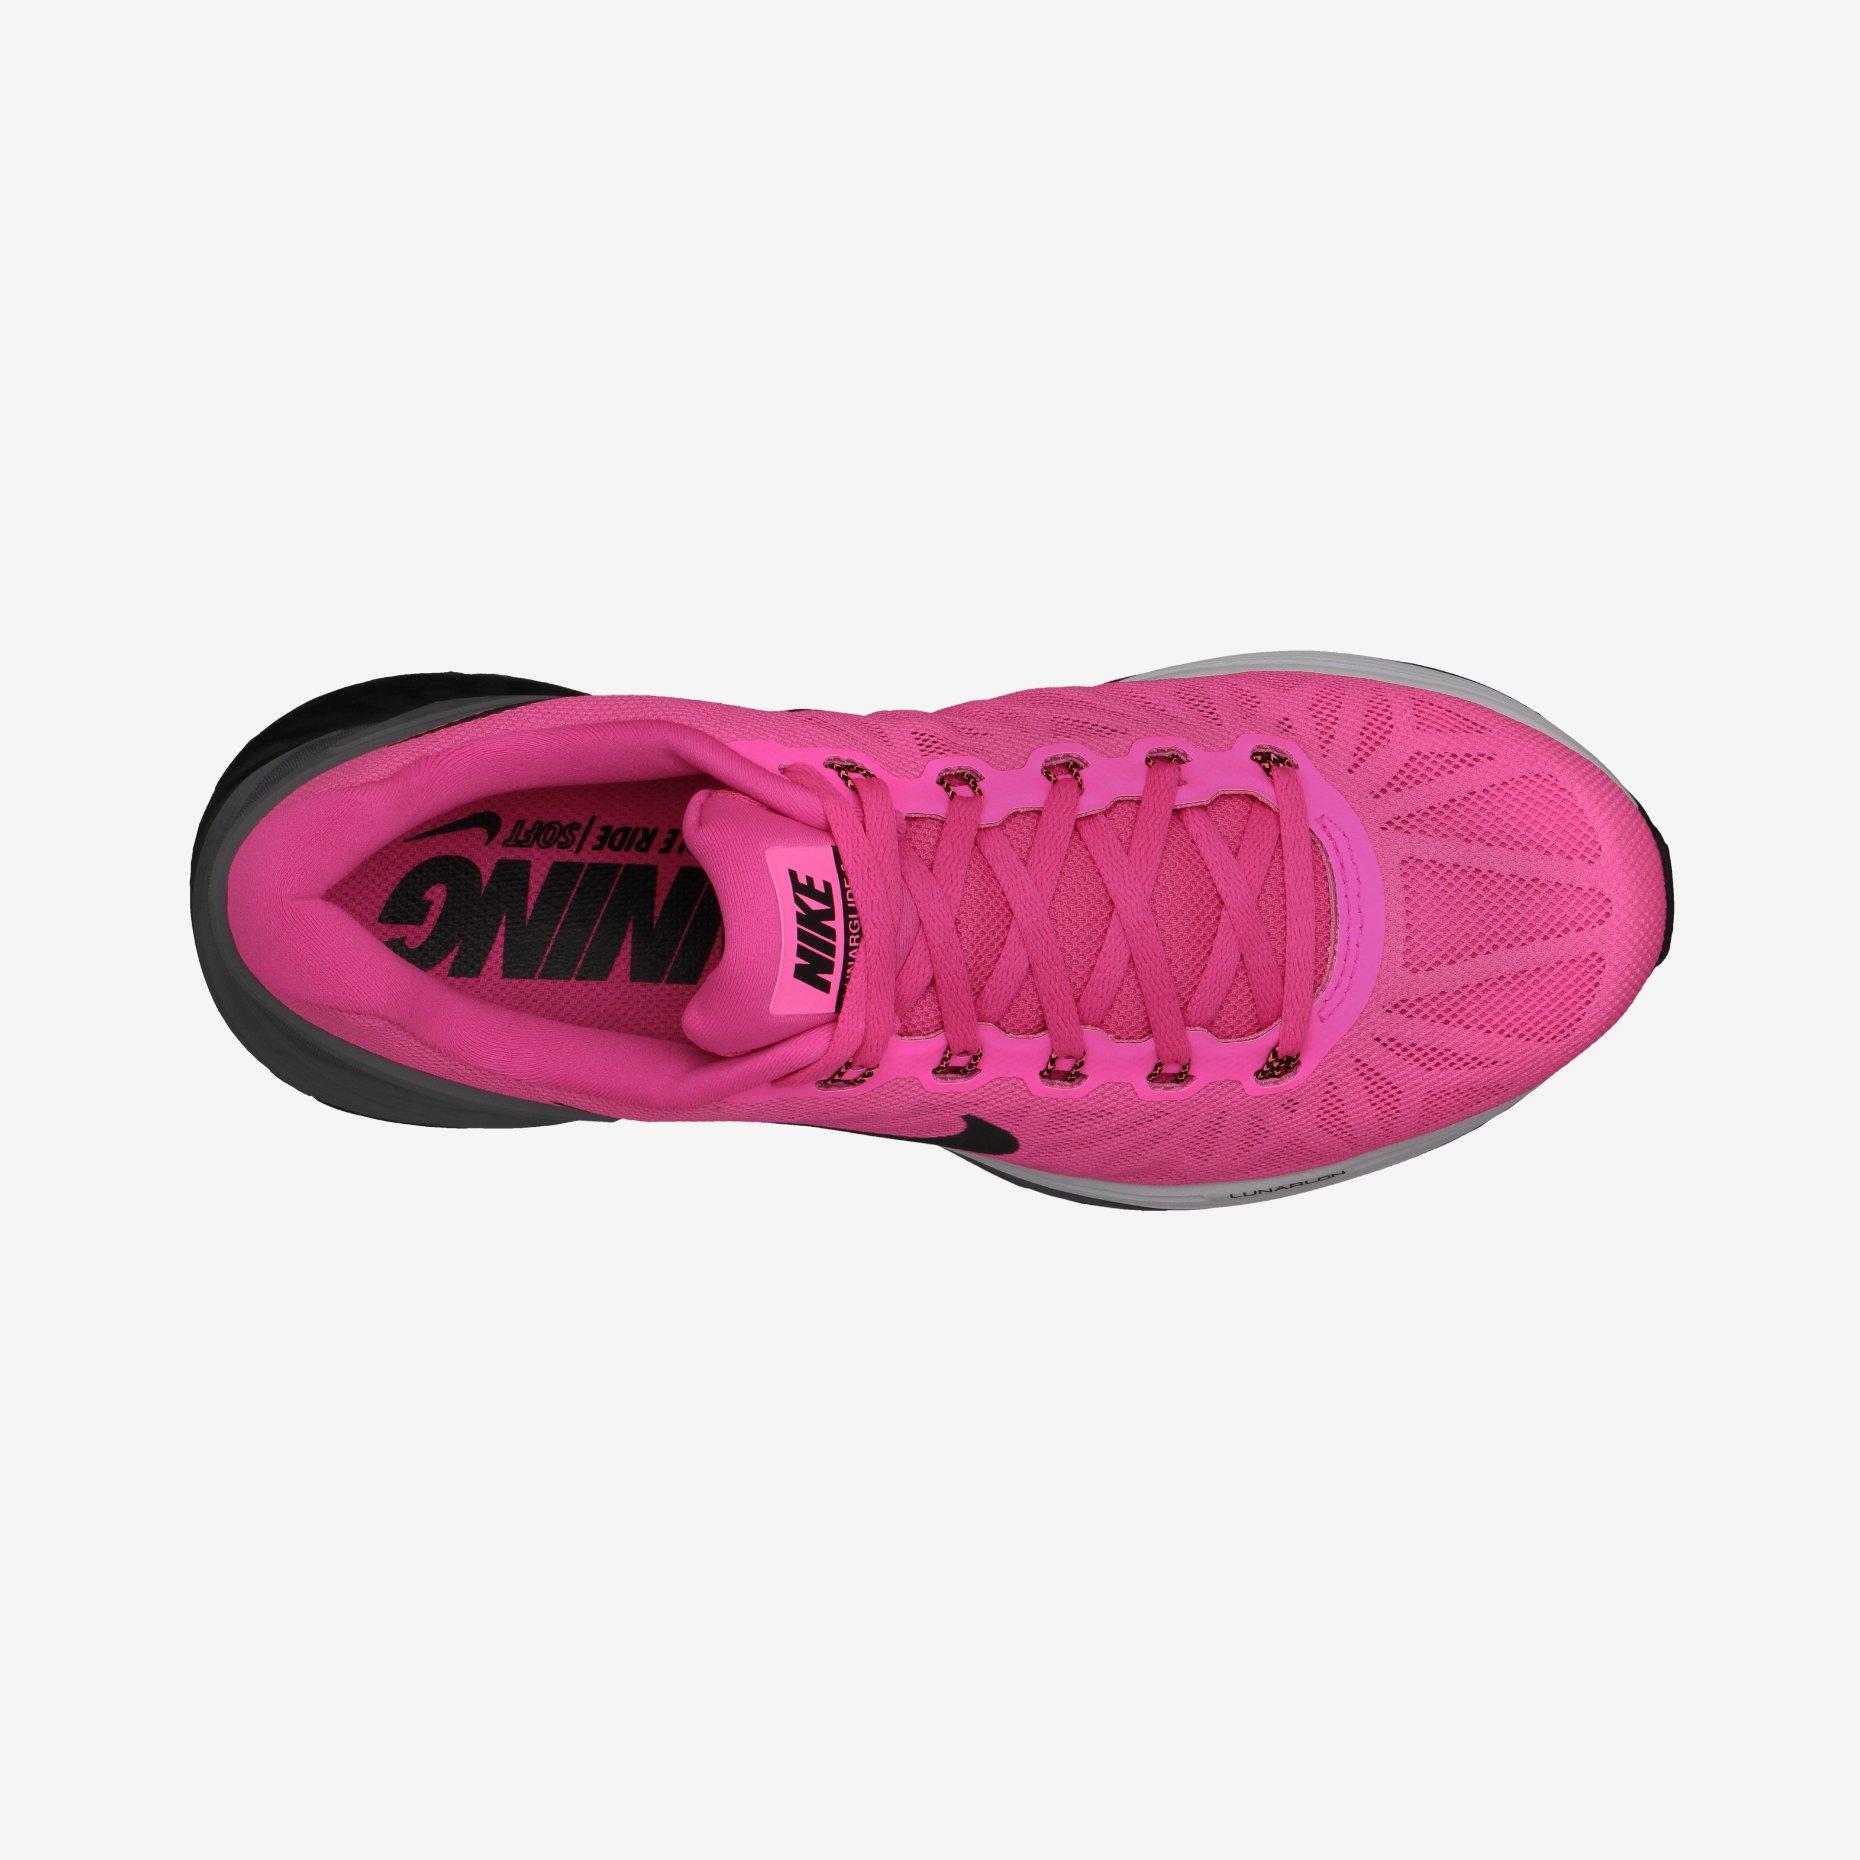 new styles 983de 1b8e2 Chaussures de Running Femme Nike LUNARGLIDE 6 Rose   Noir